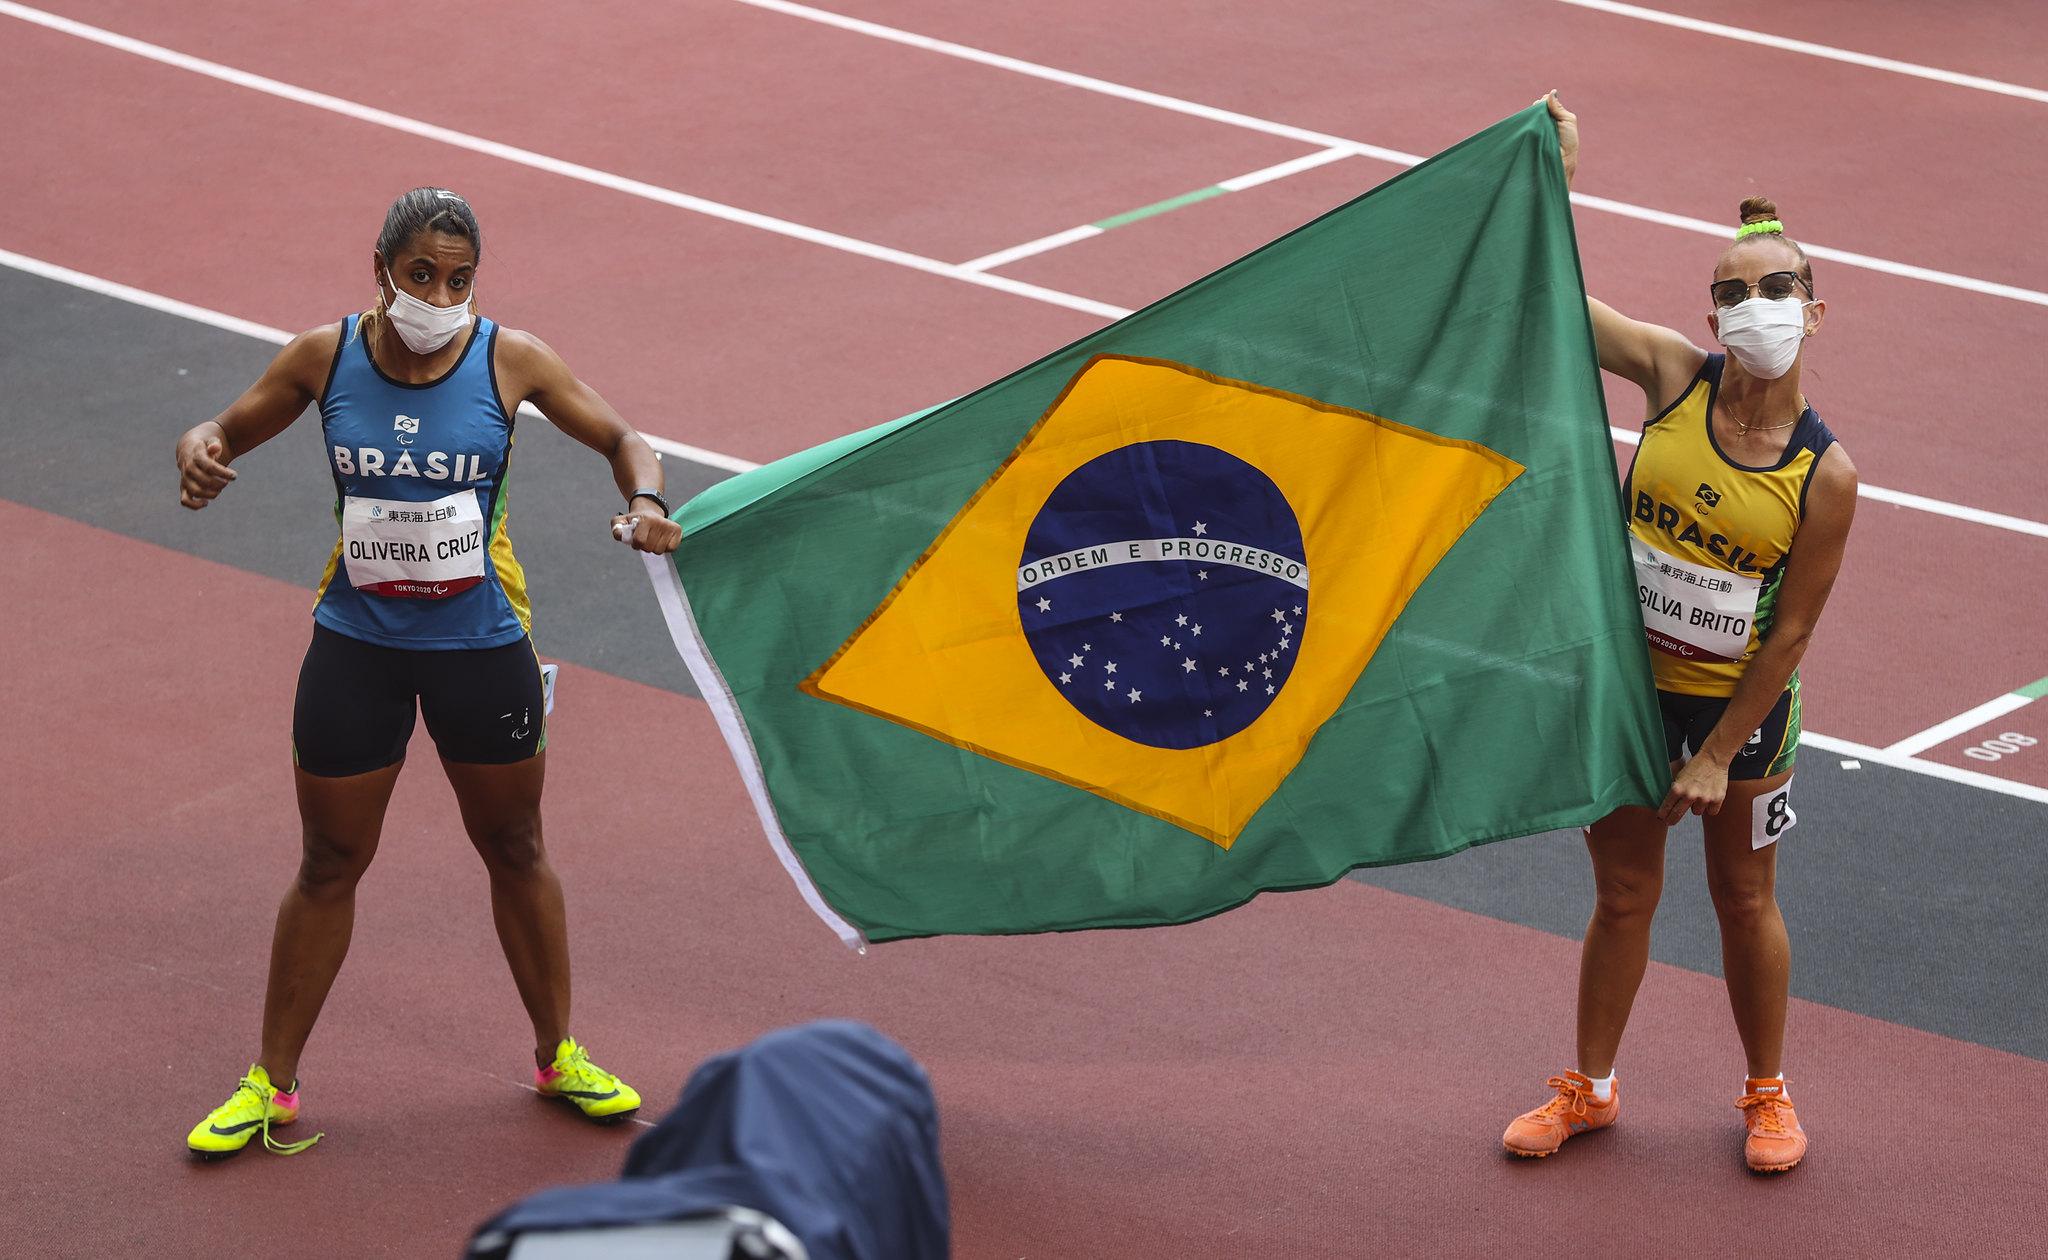 Duas atletas seguram a bandeira do Brasil